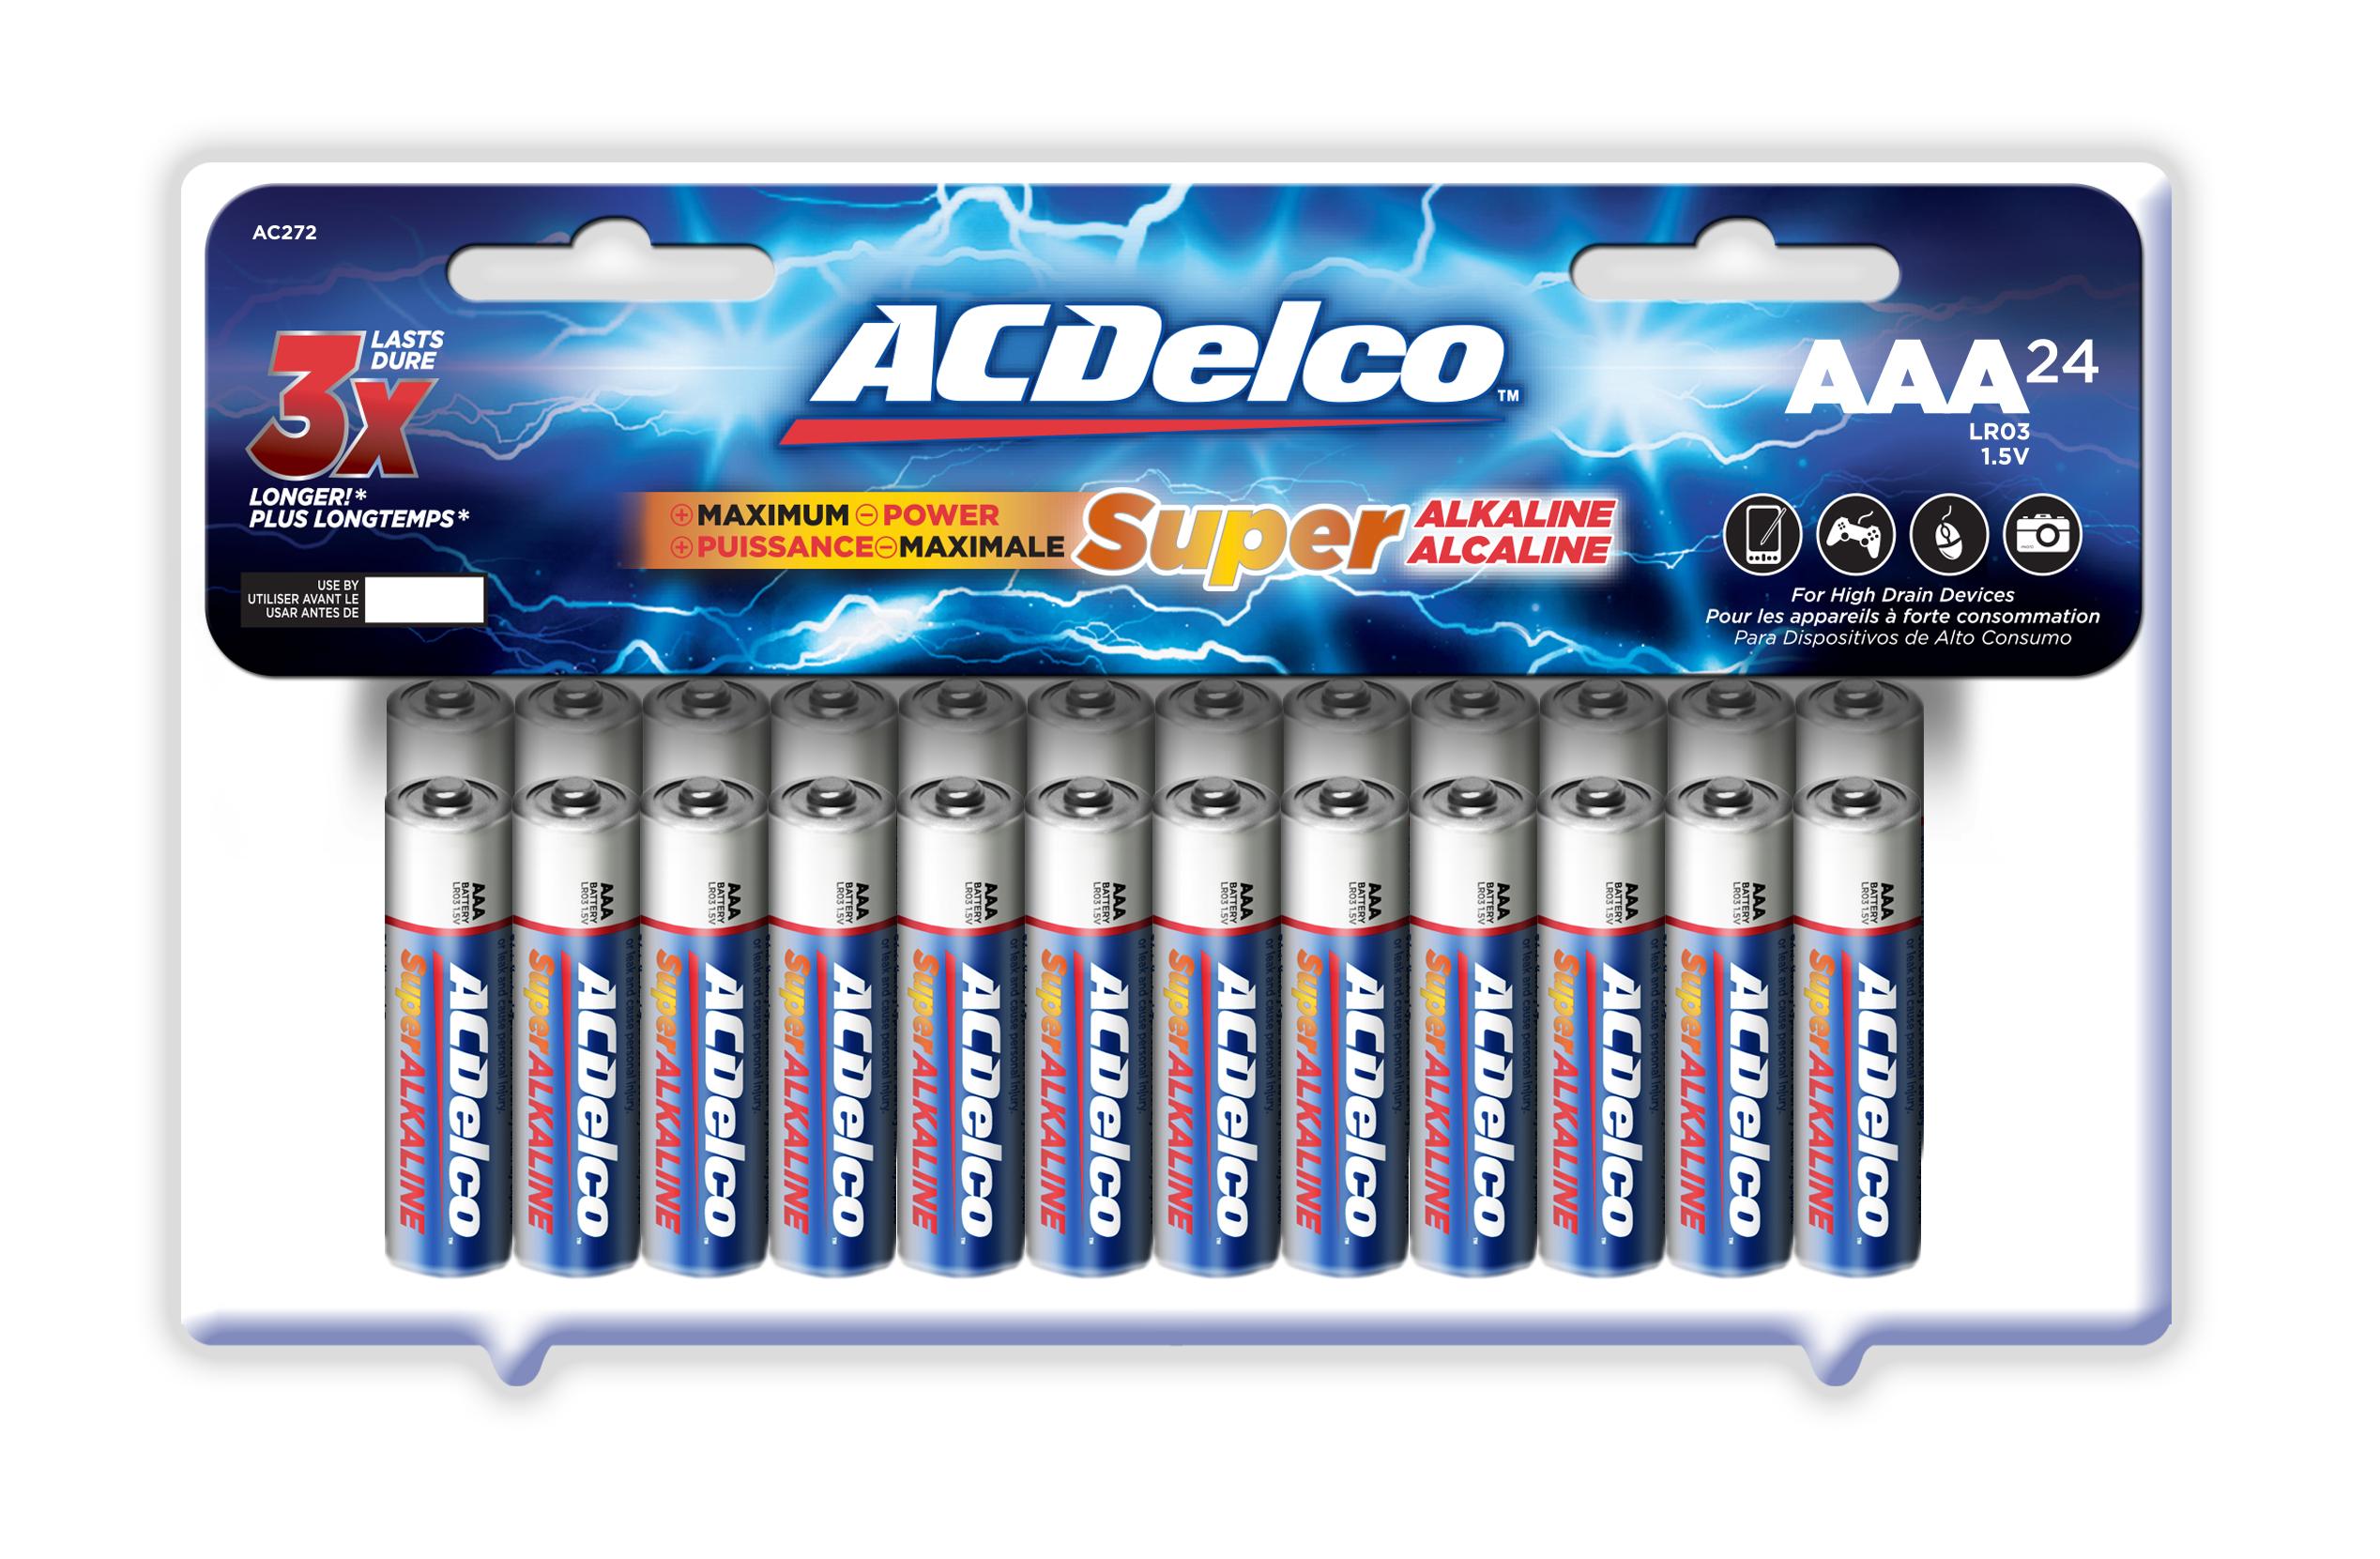 AC Delco AC272